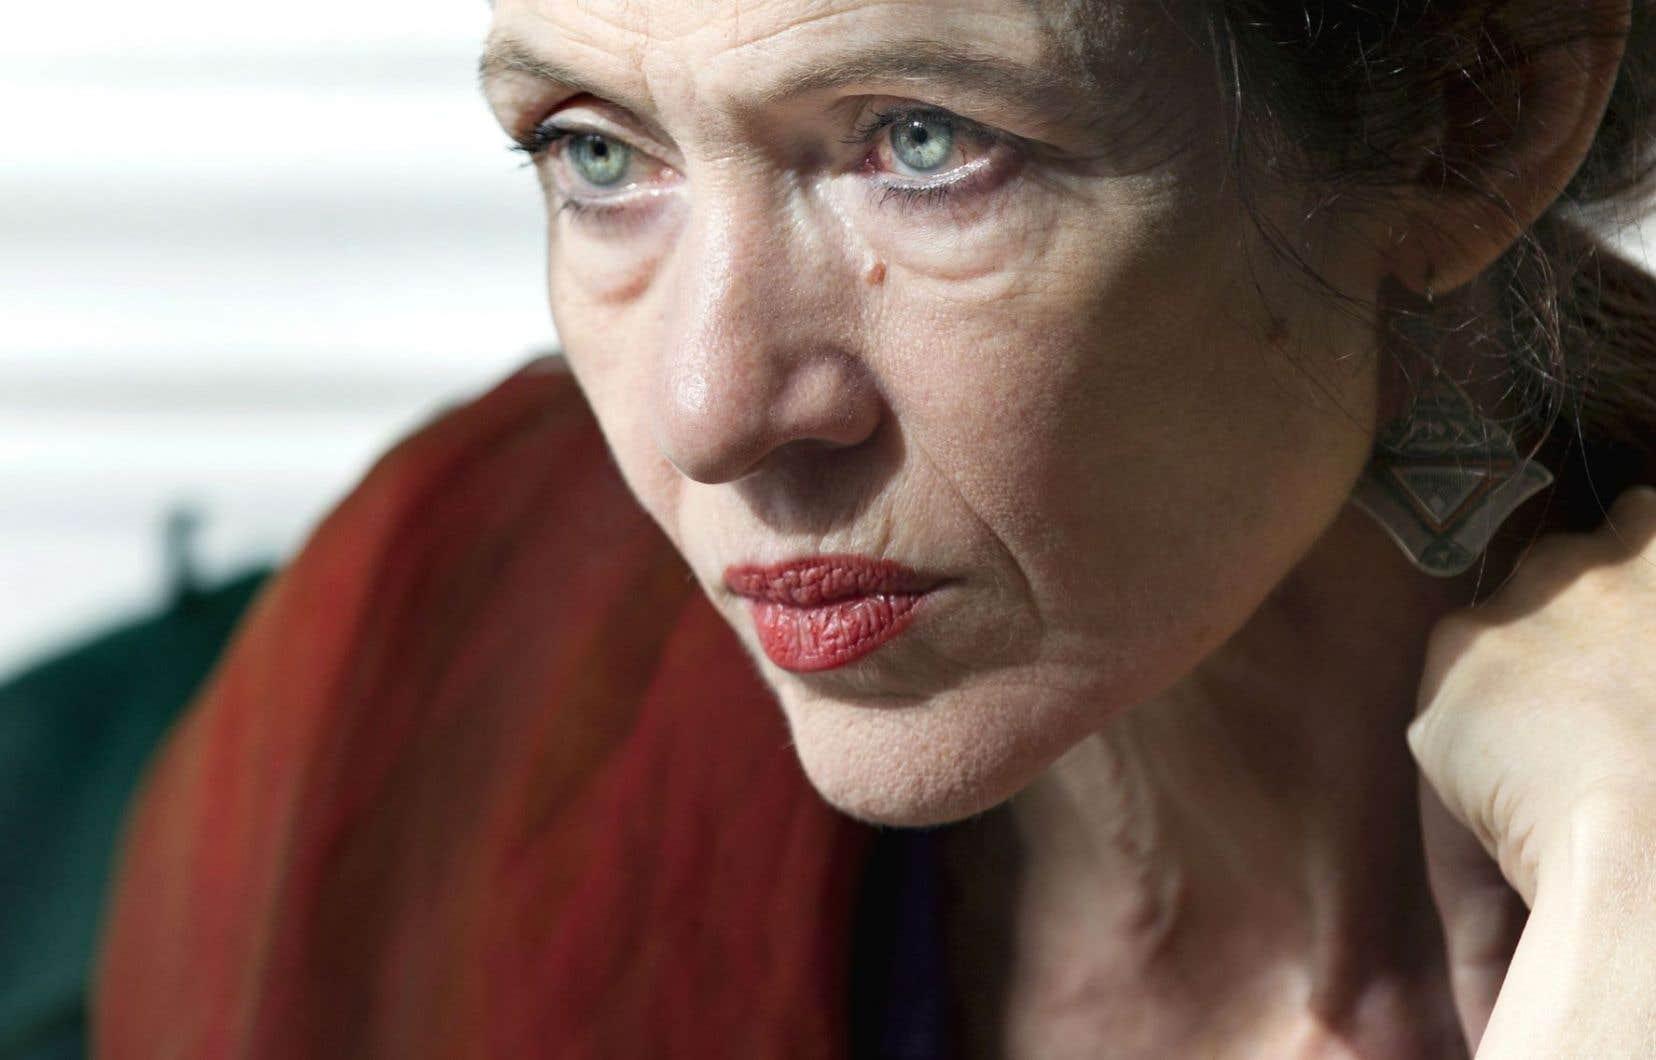 L'auteure canadienne Nancy Huston recevra le Grand Prix littéraire Metropolis bleu.